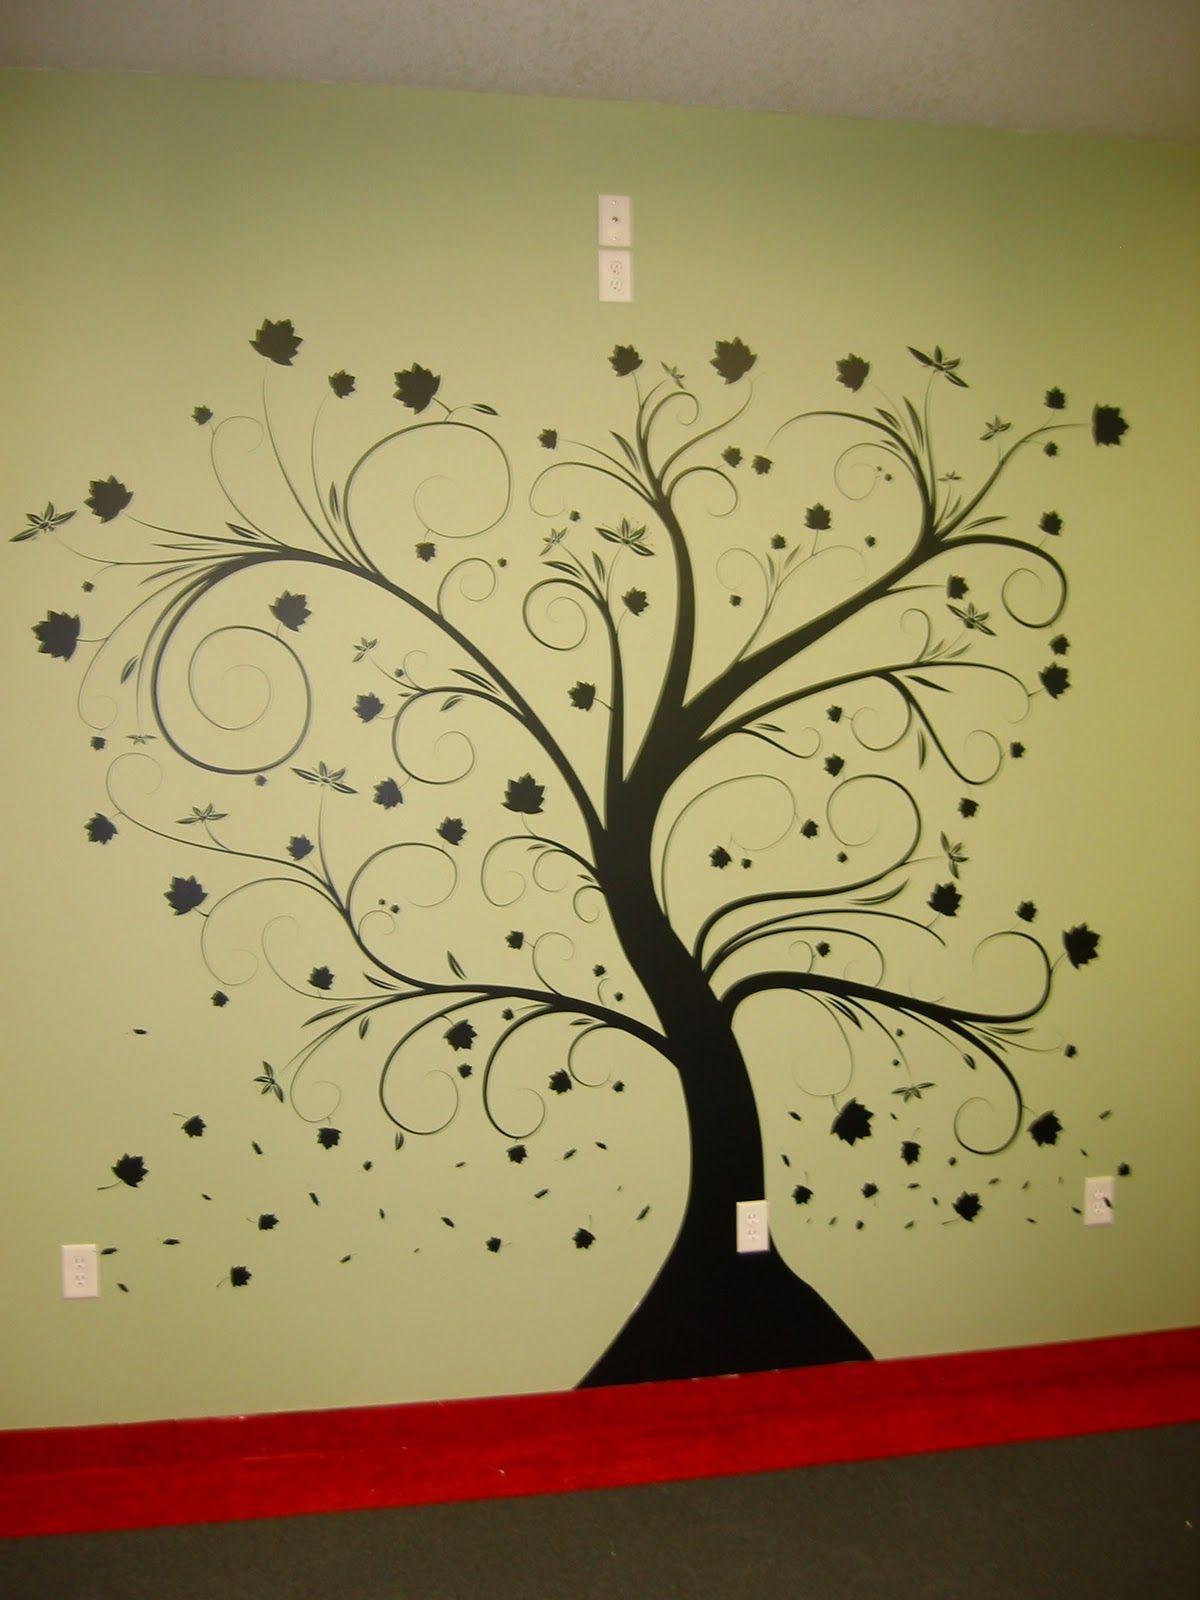 Curly Tree Schablone Fur Wand Wandmalerei Schablonen Baum Schablone